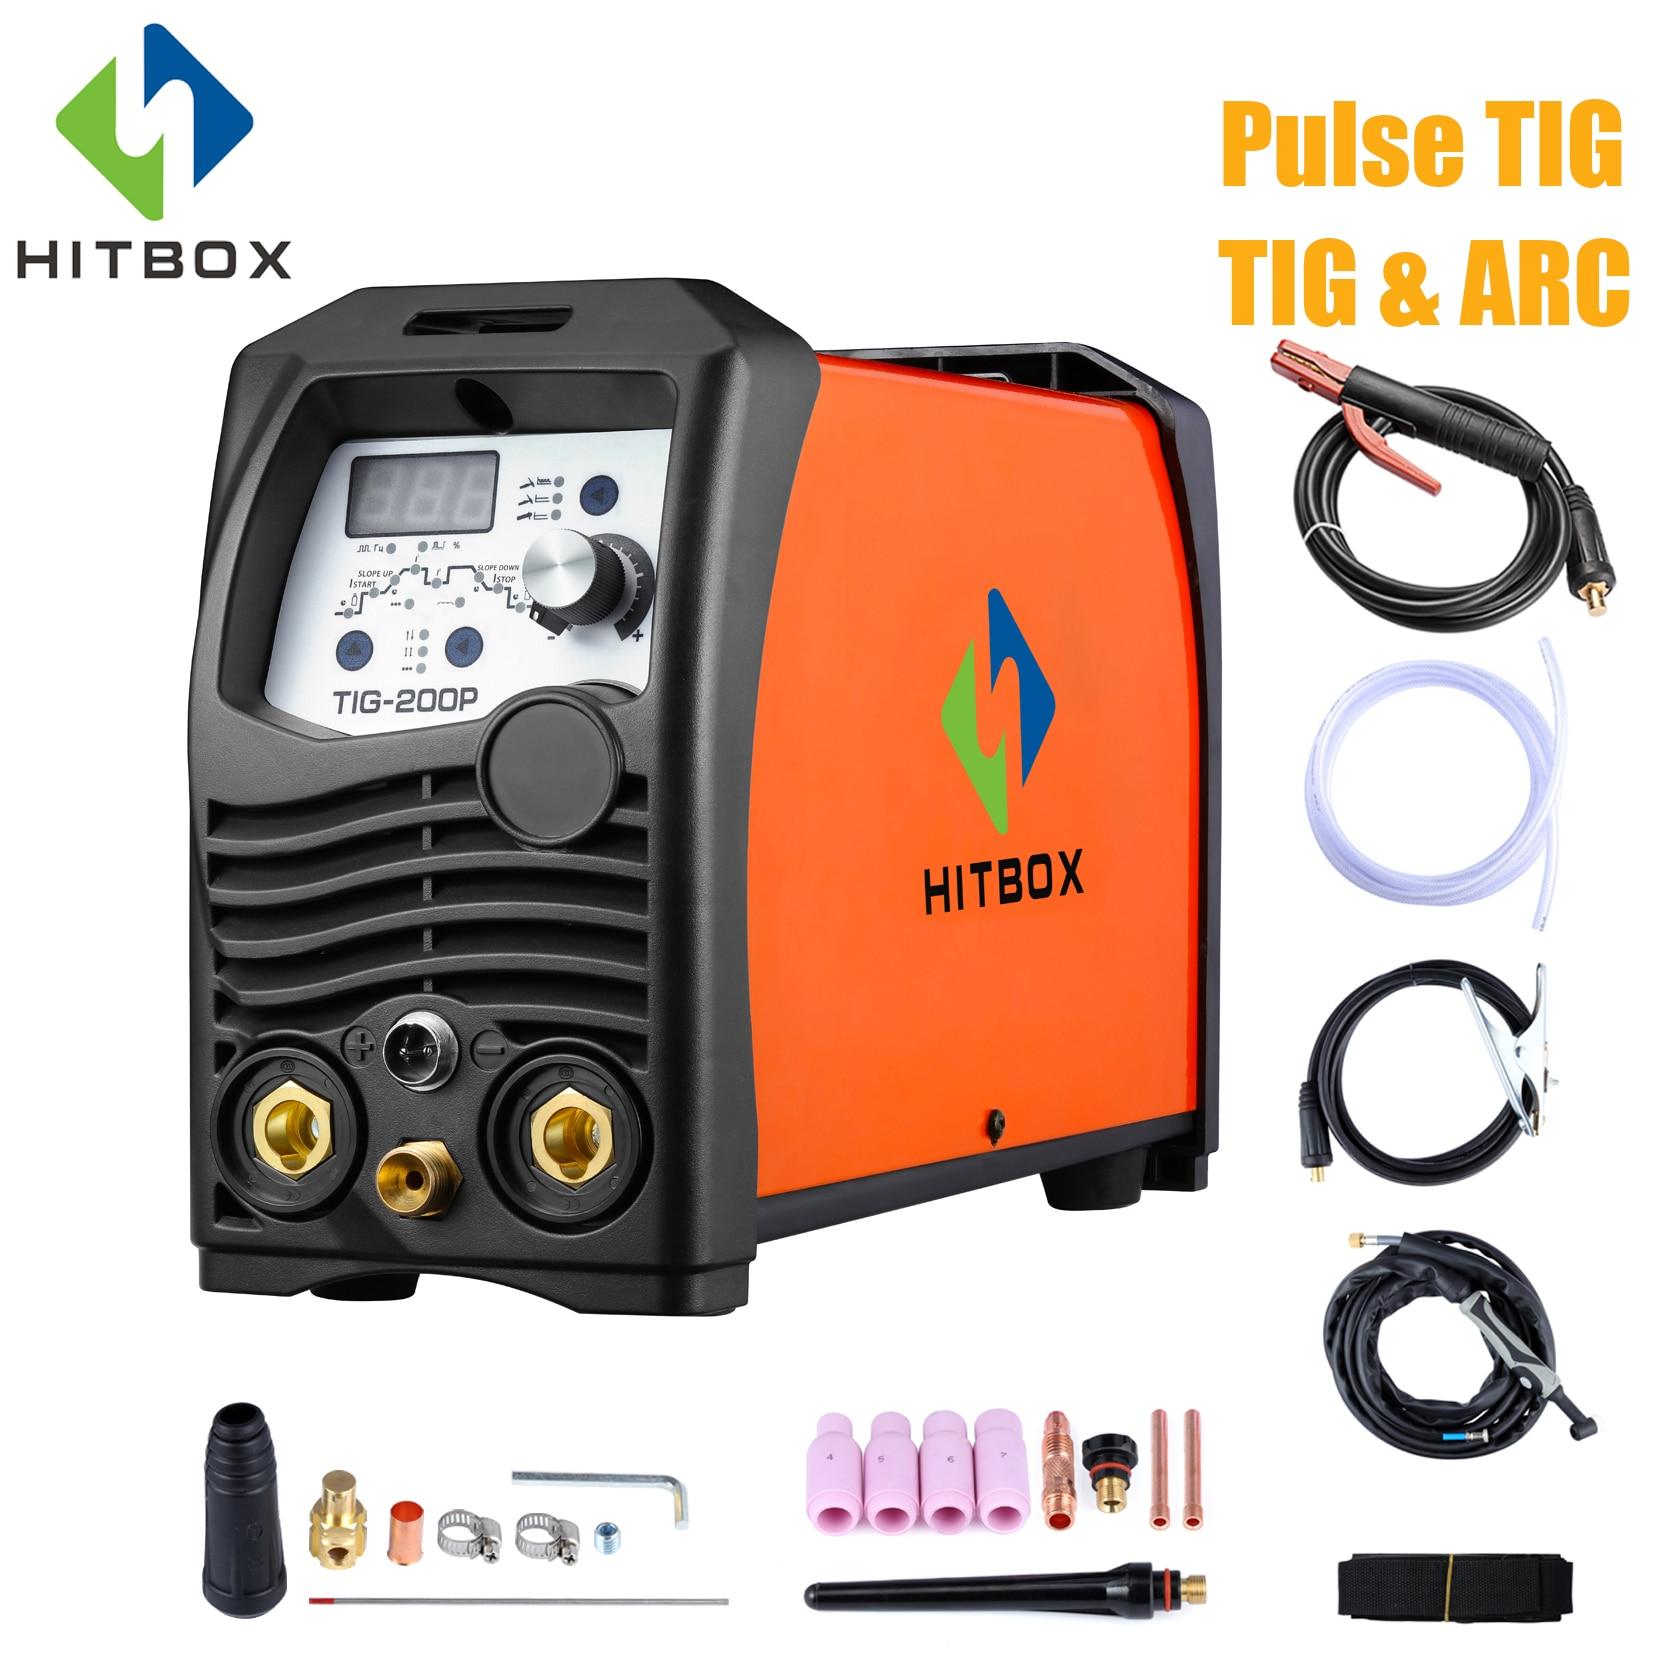 HITBOX Tig Welder 110V 220V Pulse Tig Arc Stainless Steel Carbon Steel Tig Welder 2T 4T